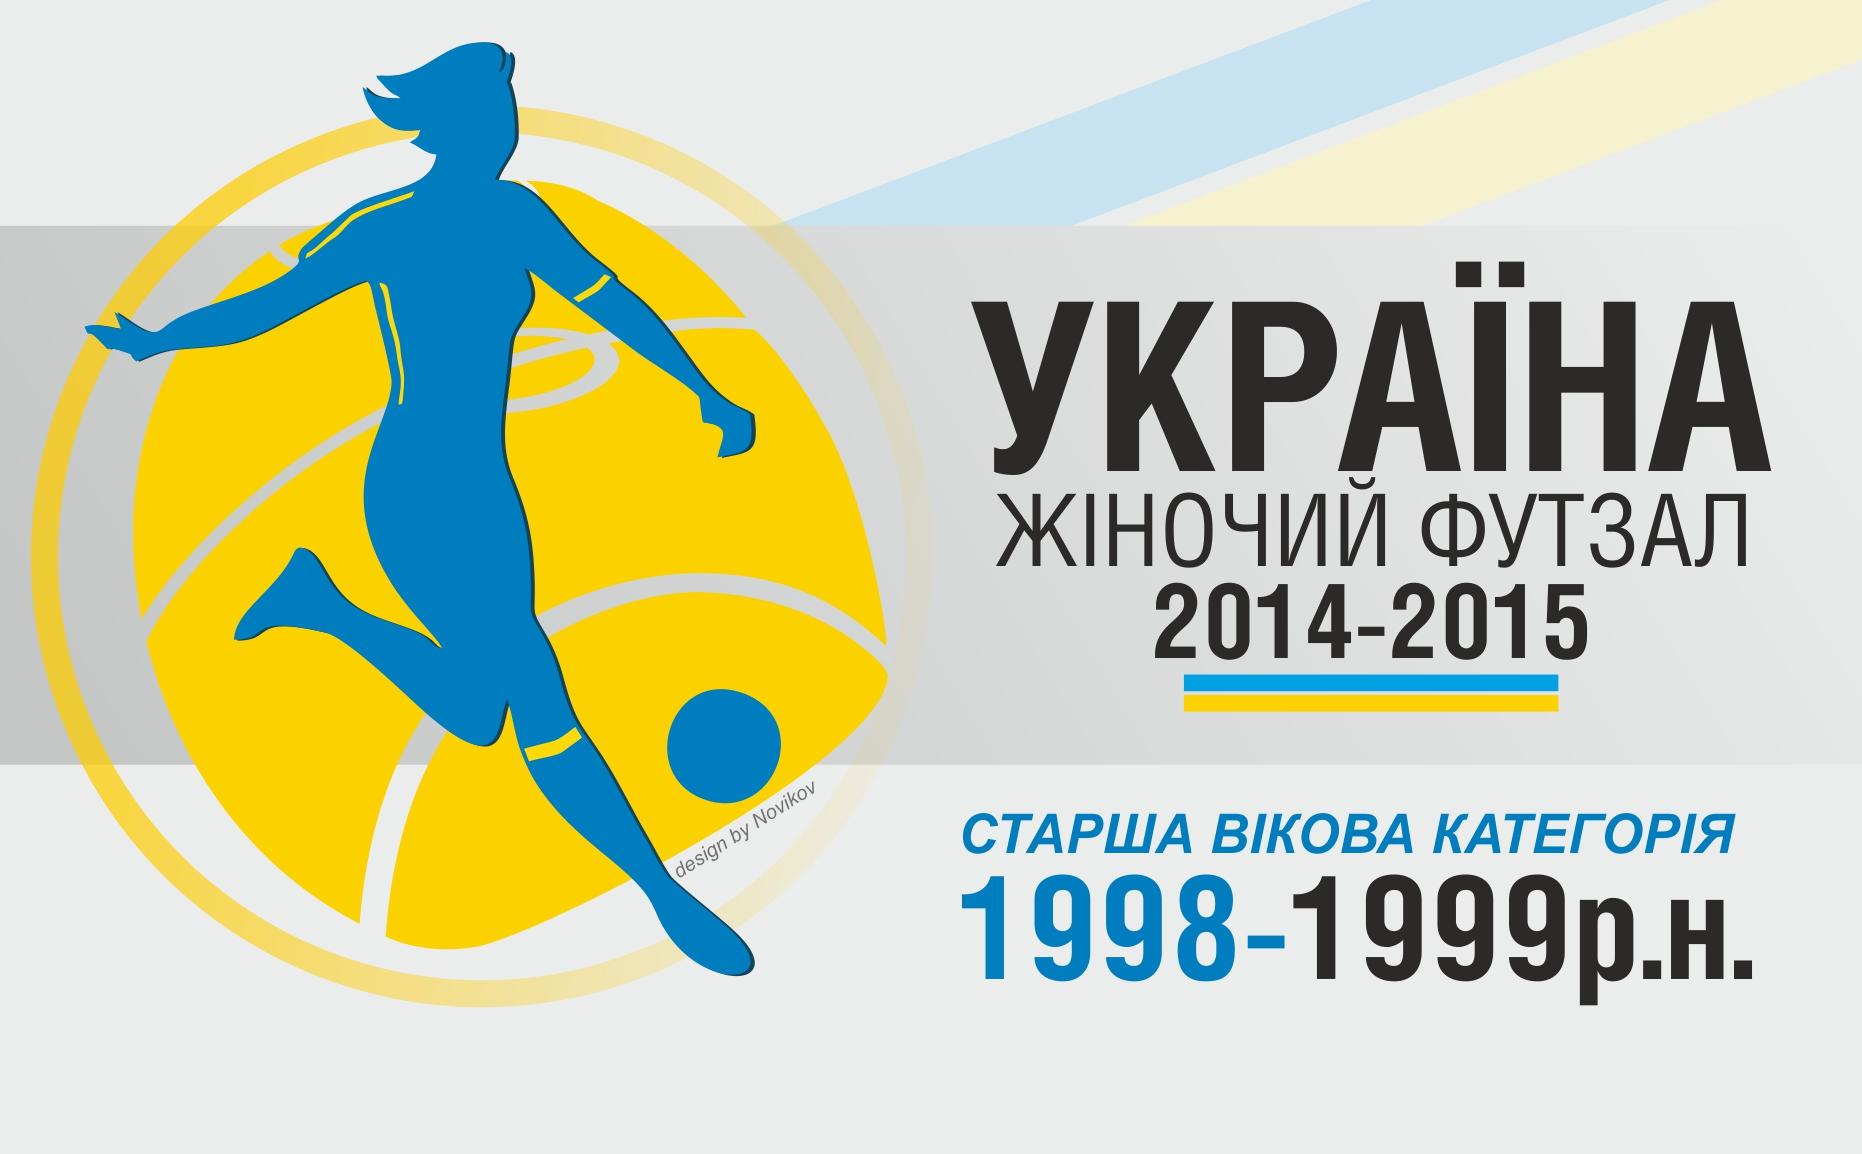 ДЮСШ, 1998-1999, ЧУ, дівочий футзал, жіночий футзал, женский футзал, АМФУ, змагання, минифутбол, Україна, futsal